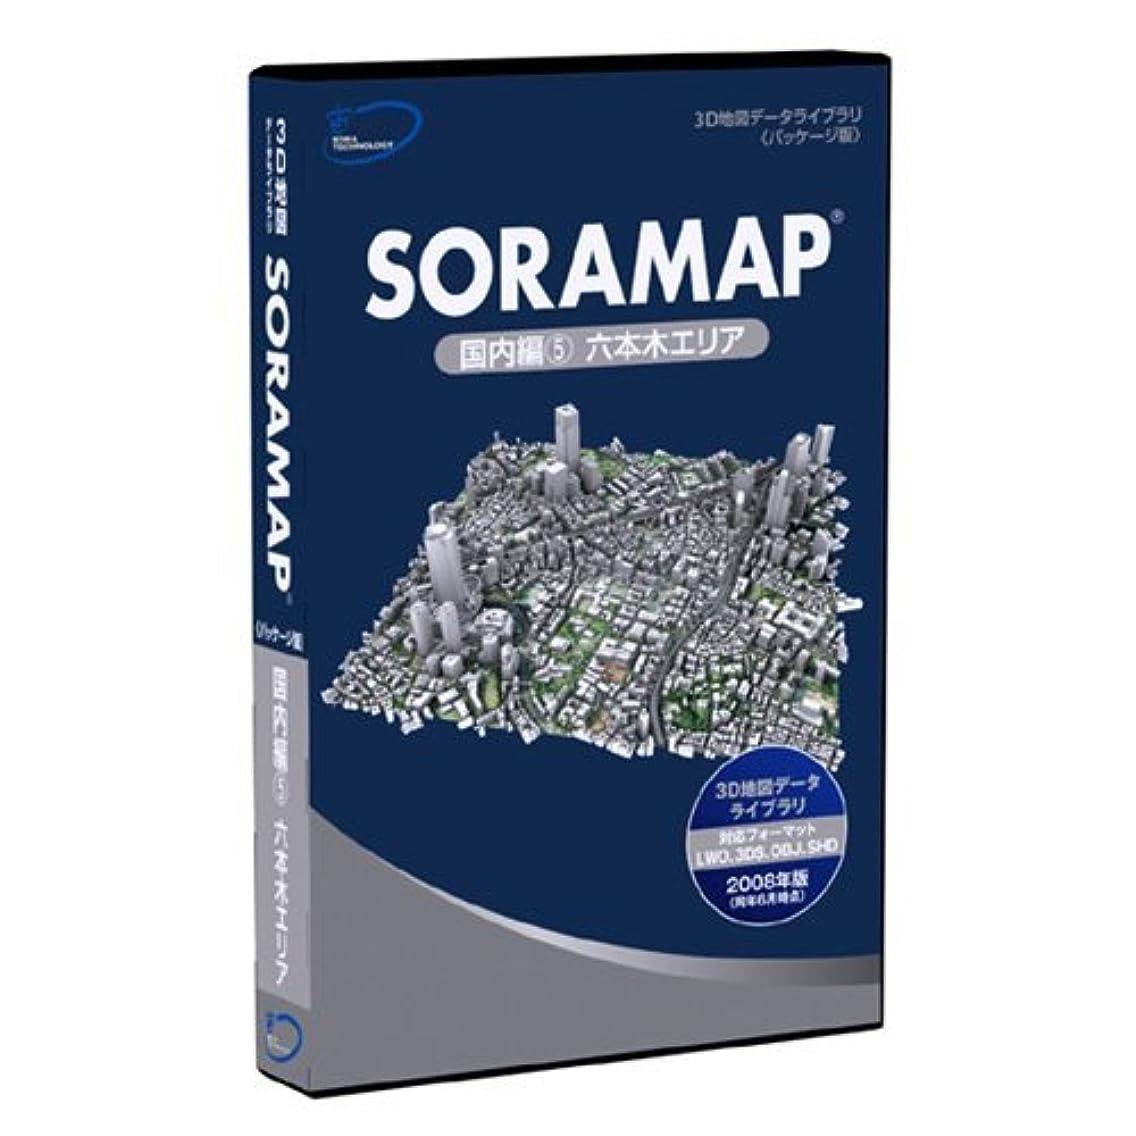 サイレンエトナ山予測3D地図(3D都市)データライブラリ[パッケージ版] SORAMAP 国内編(5) 六本木エリア